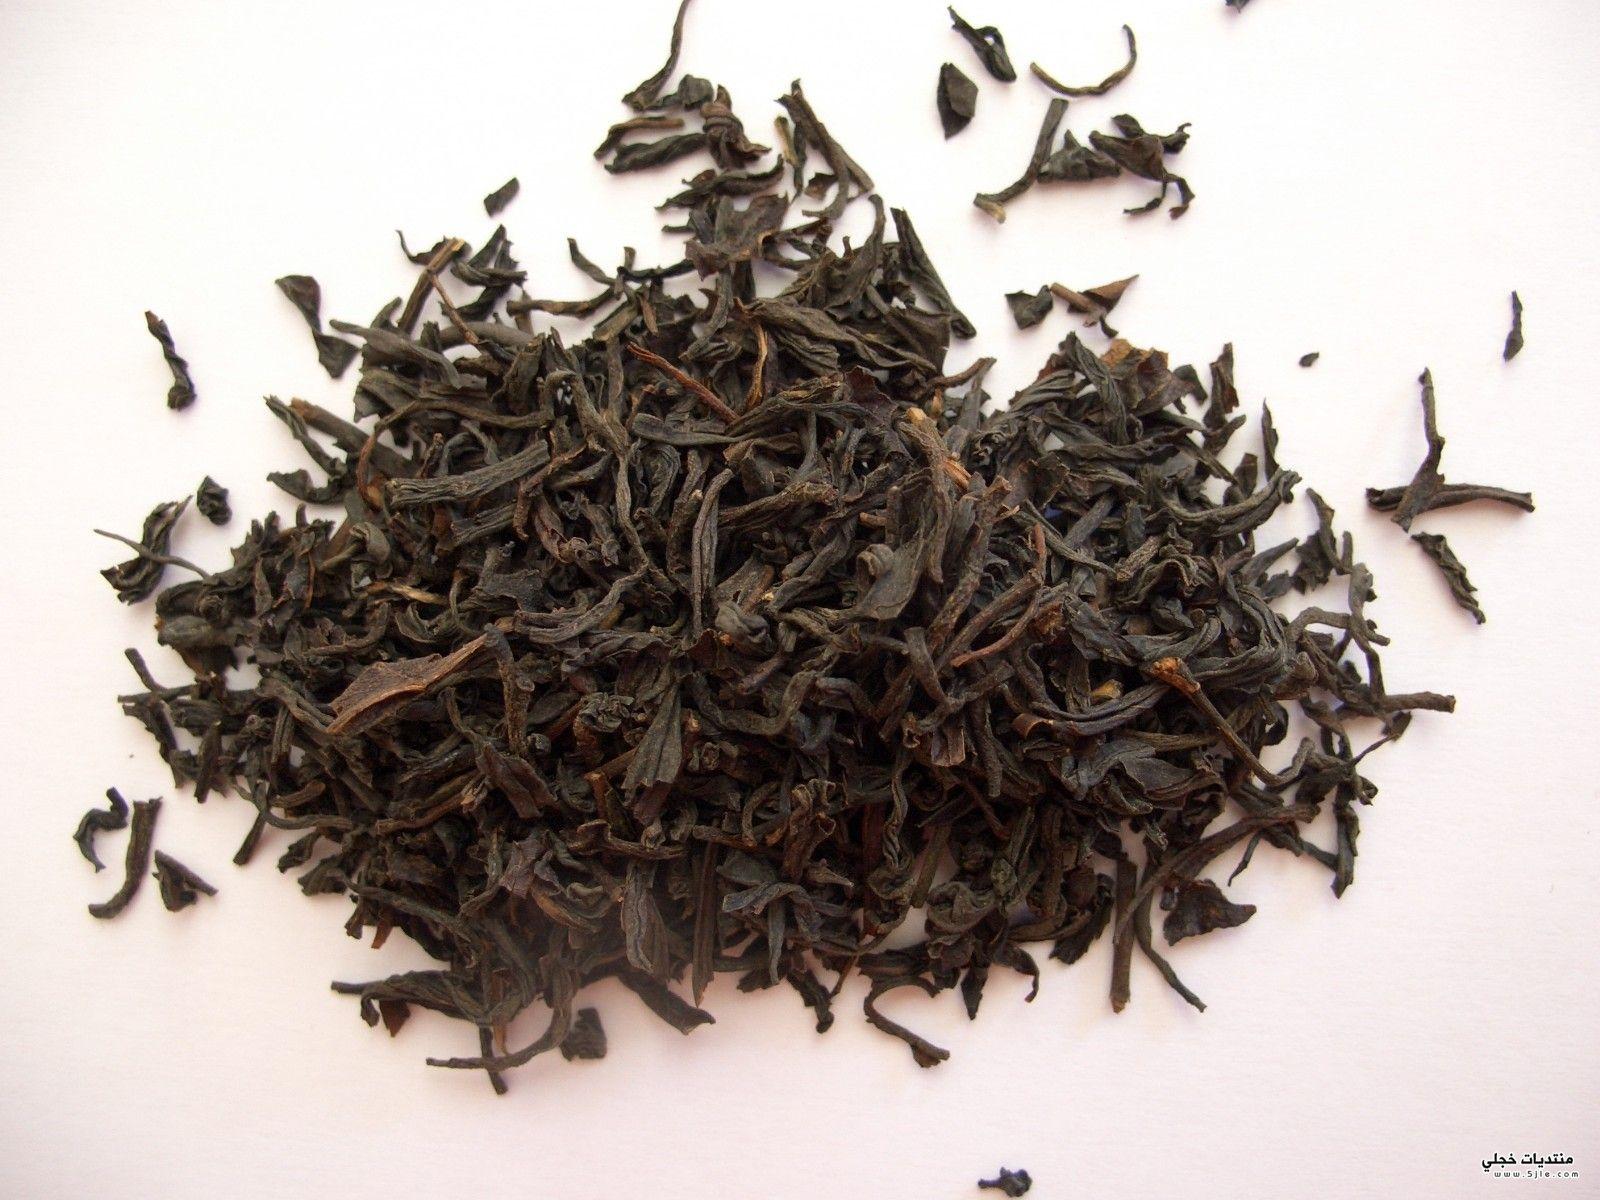 فوائد الشاي الاسود للبشرة